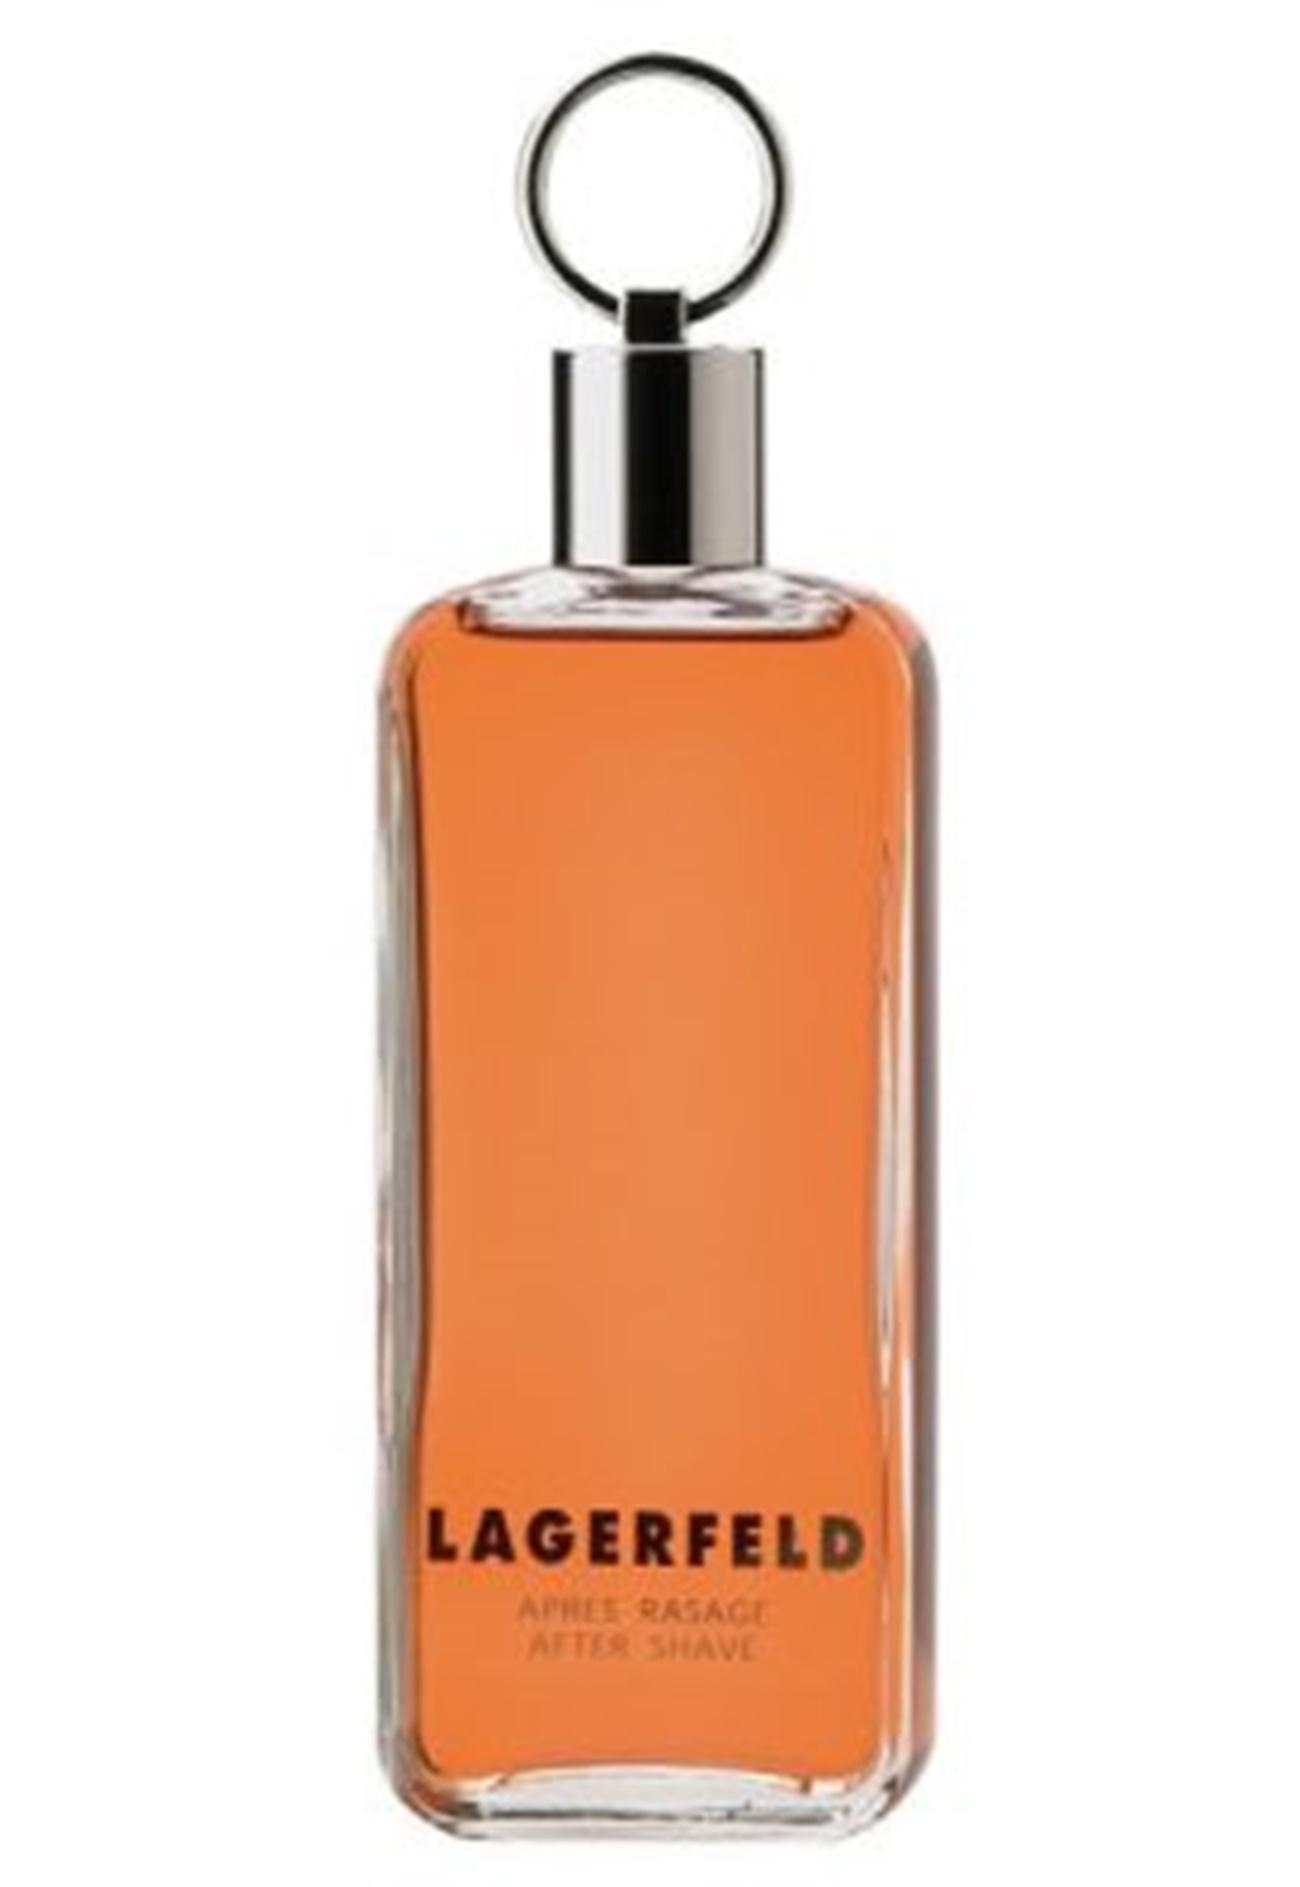 Lagerfeld - lagerfeld classic - eau de toilette spray 100 ml